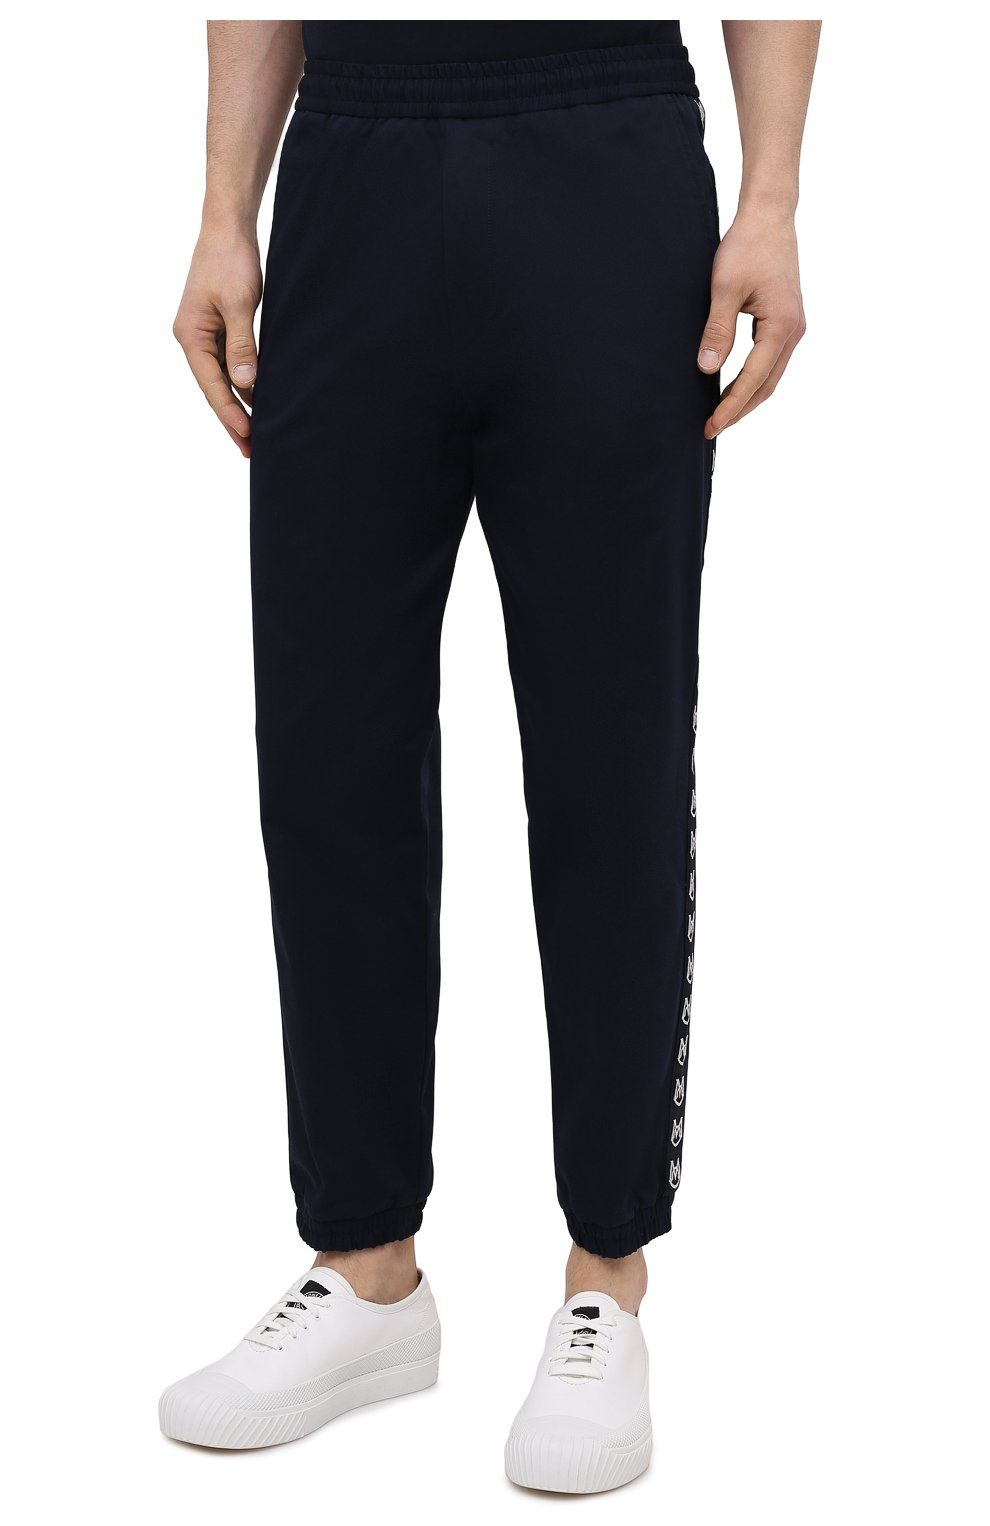 Мужские хлопковые джоггеры MONCLER темно-синего цвета, арт. G1-091-2A765-00-57448   Фото 3 (Длина (брюки, джинсы): Стандартные; Материал внешний: Хлопок; Стили: Спорт-шик; Силуэт М (брюки): Джоггеры)